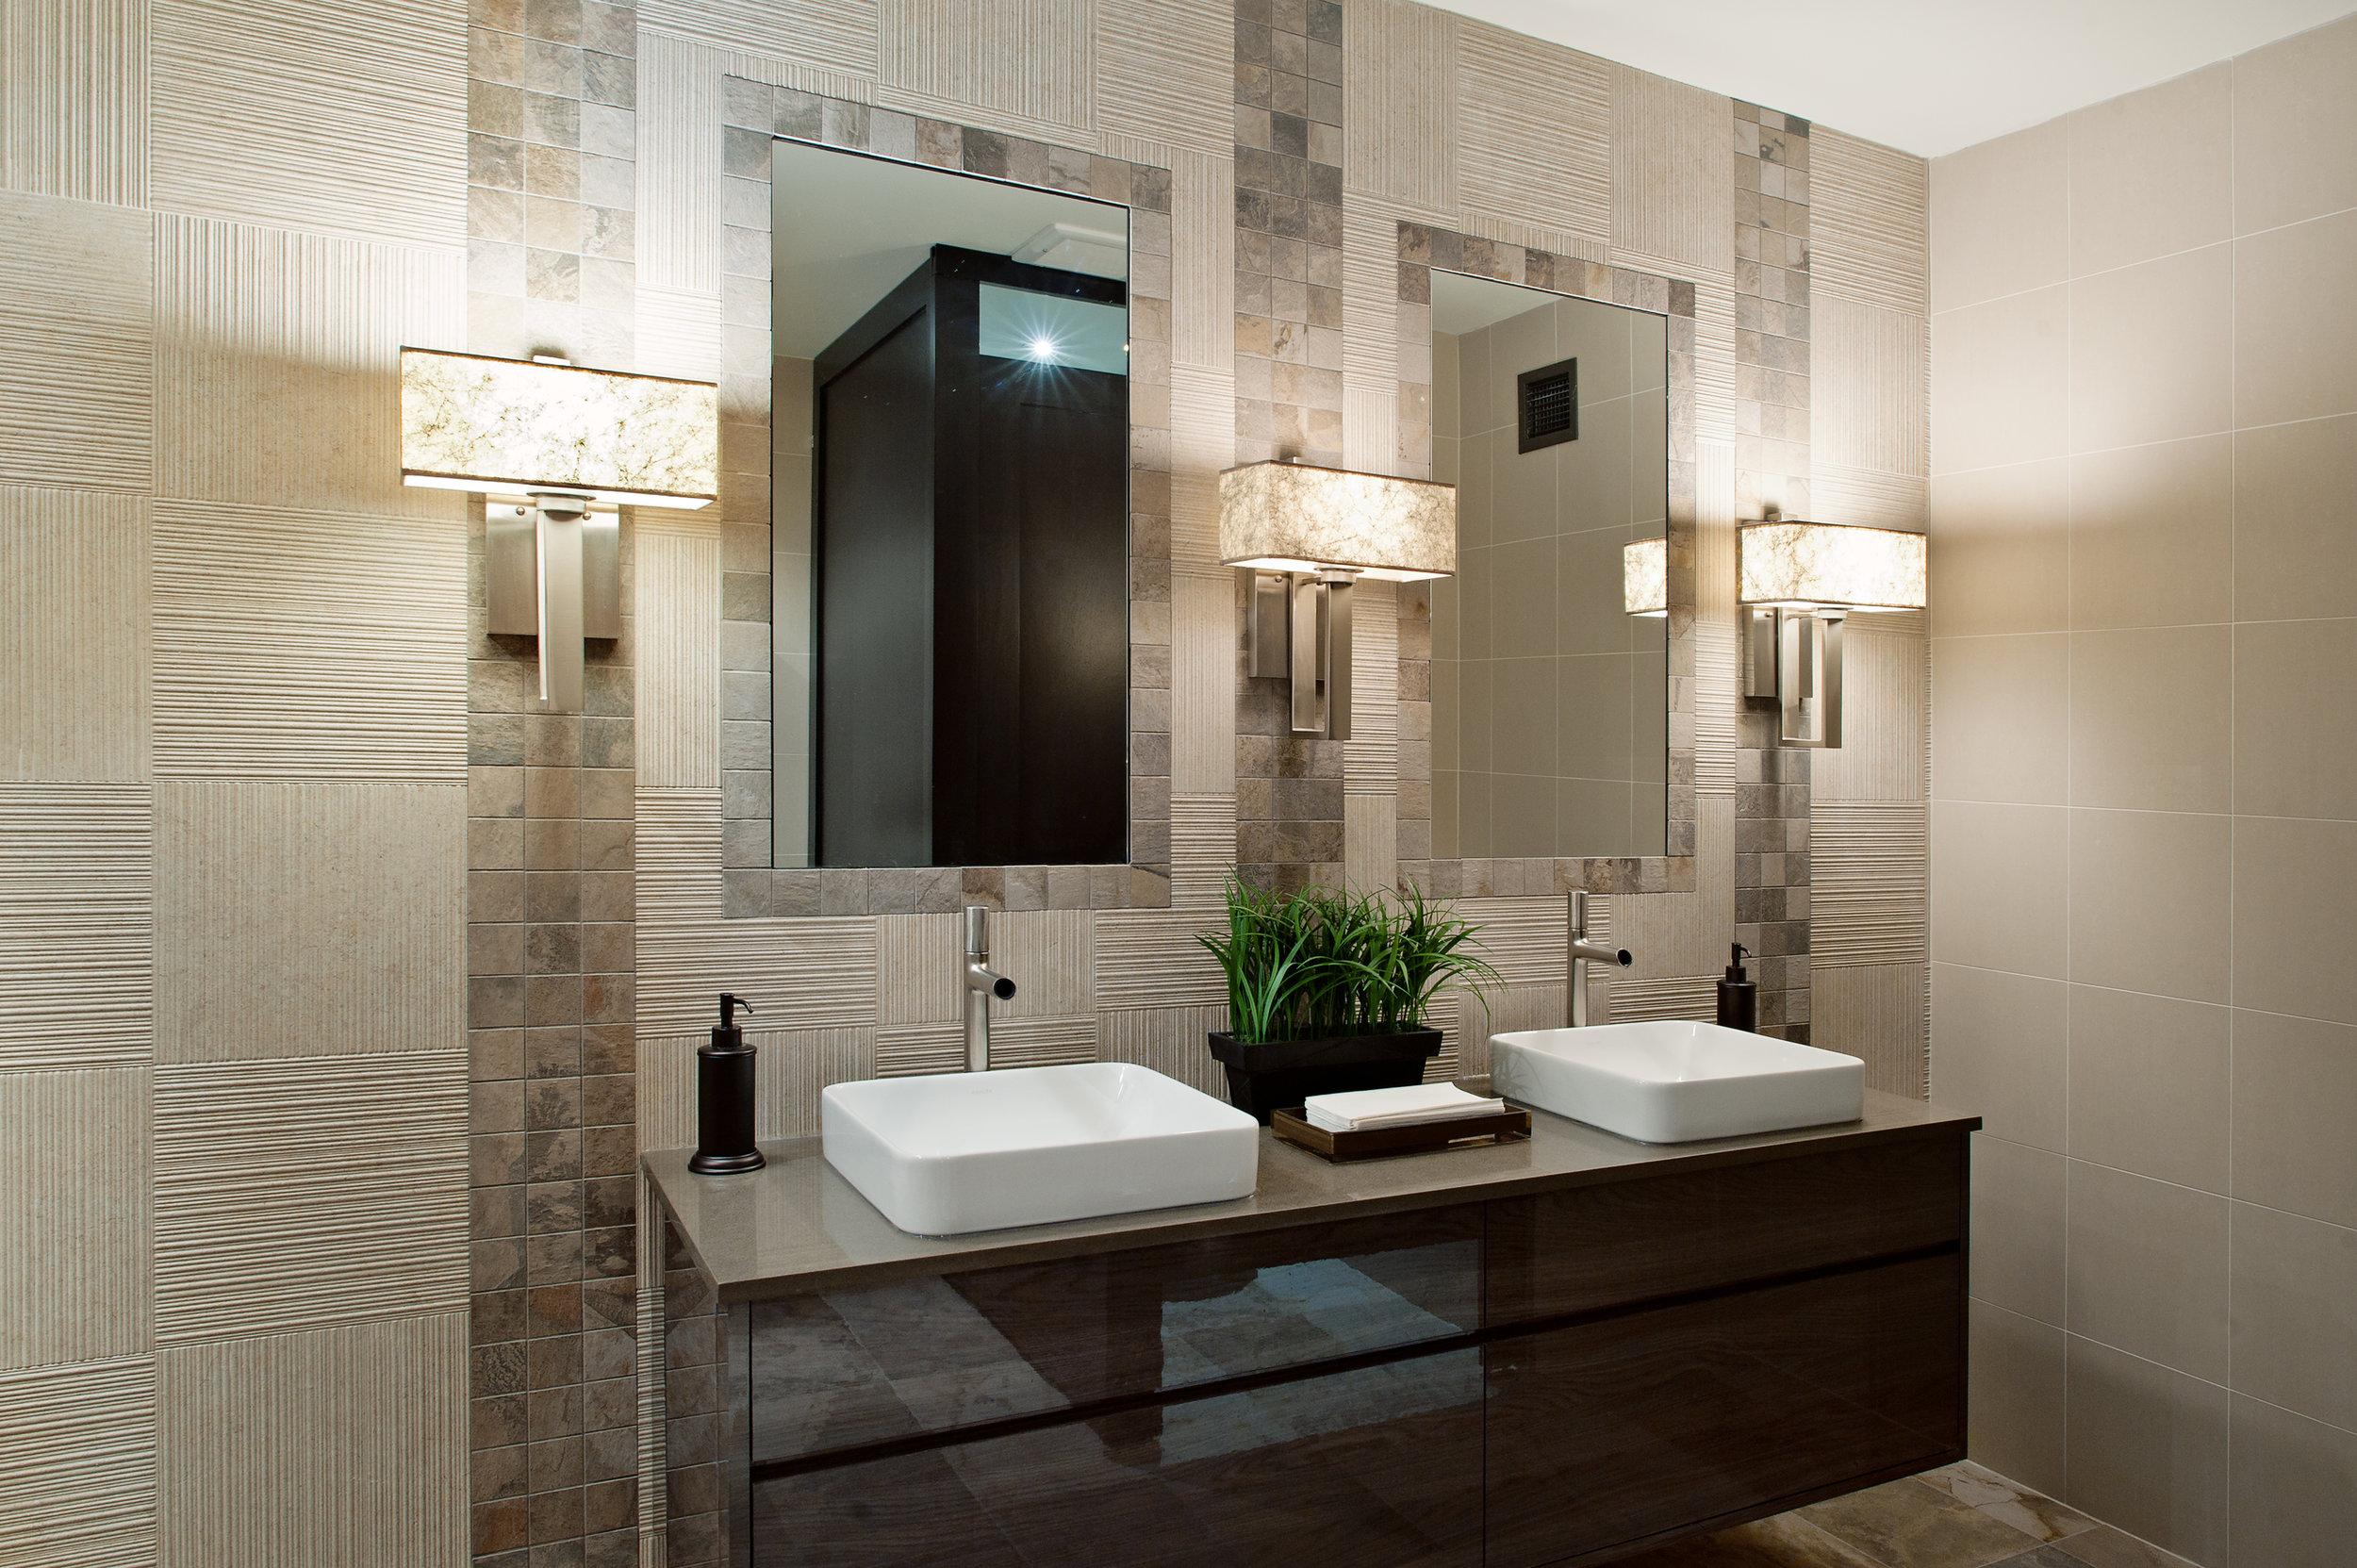 Restaurant Bathroom Vanity 2.jpg